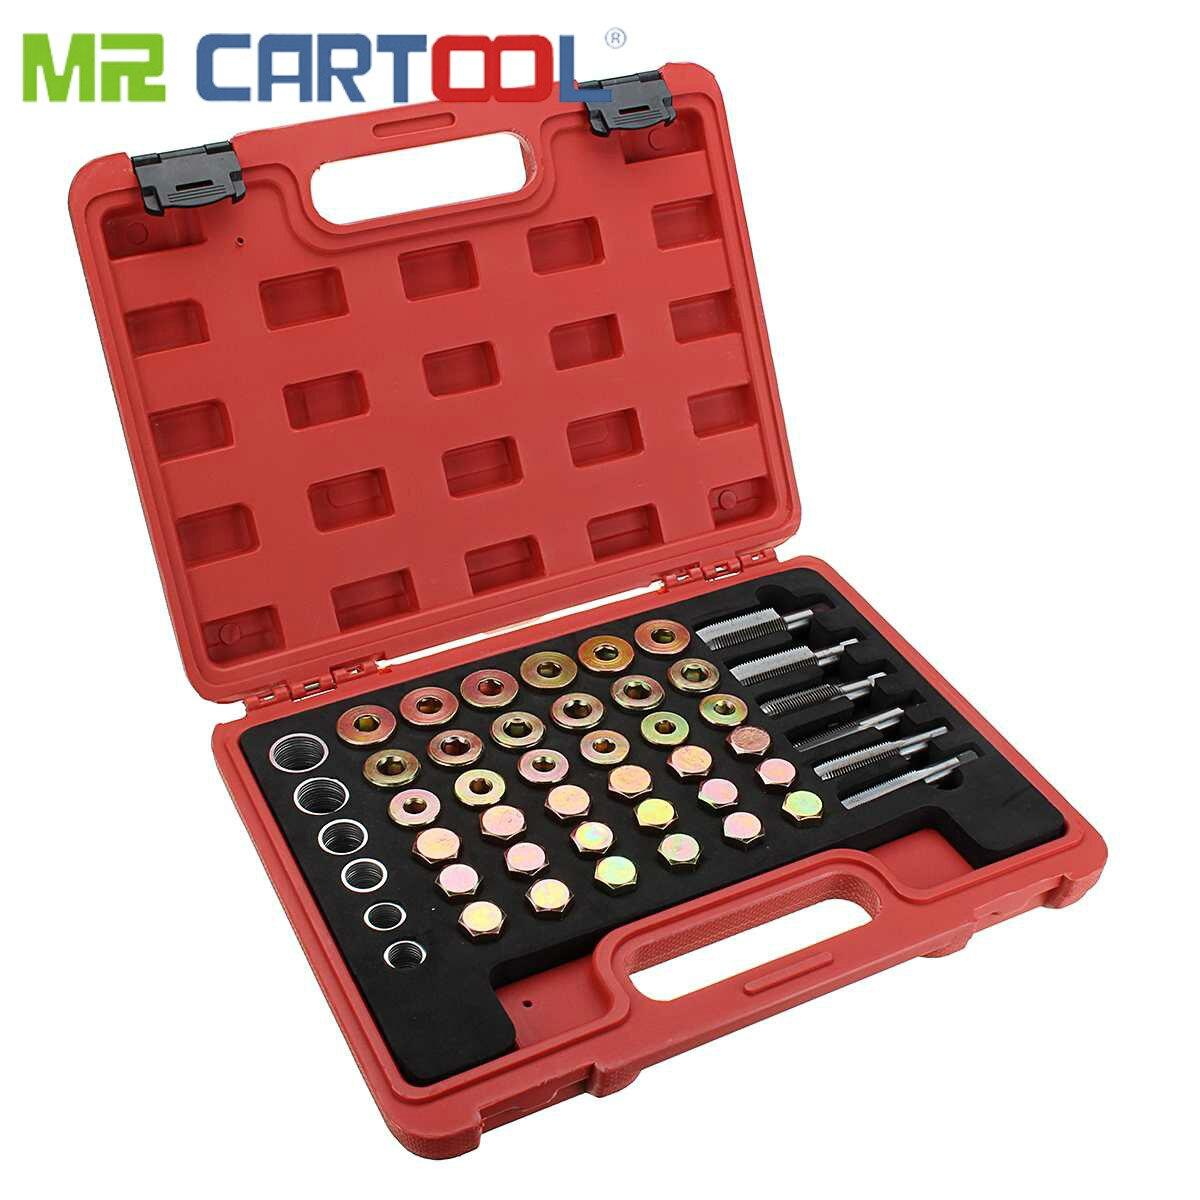 Mr Cartool 114 pièces Kit de réparation de filetage de carter d'huile de voiture bouchon de vidange de boîte de vitesses ensemble d'outils de joint de rondelle